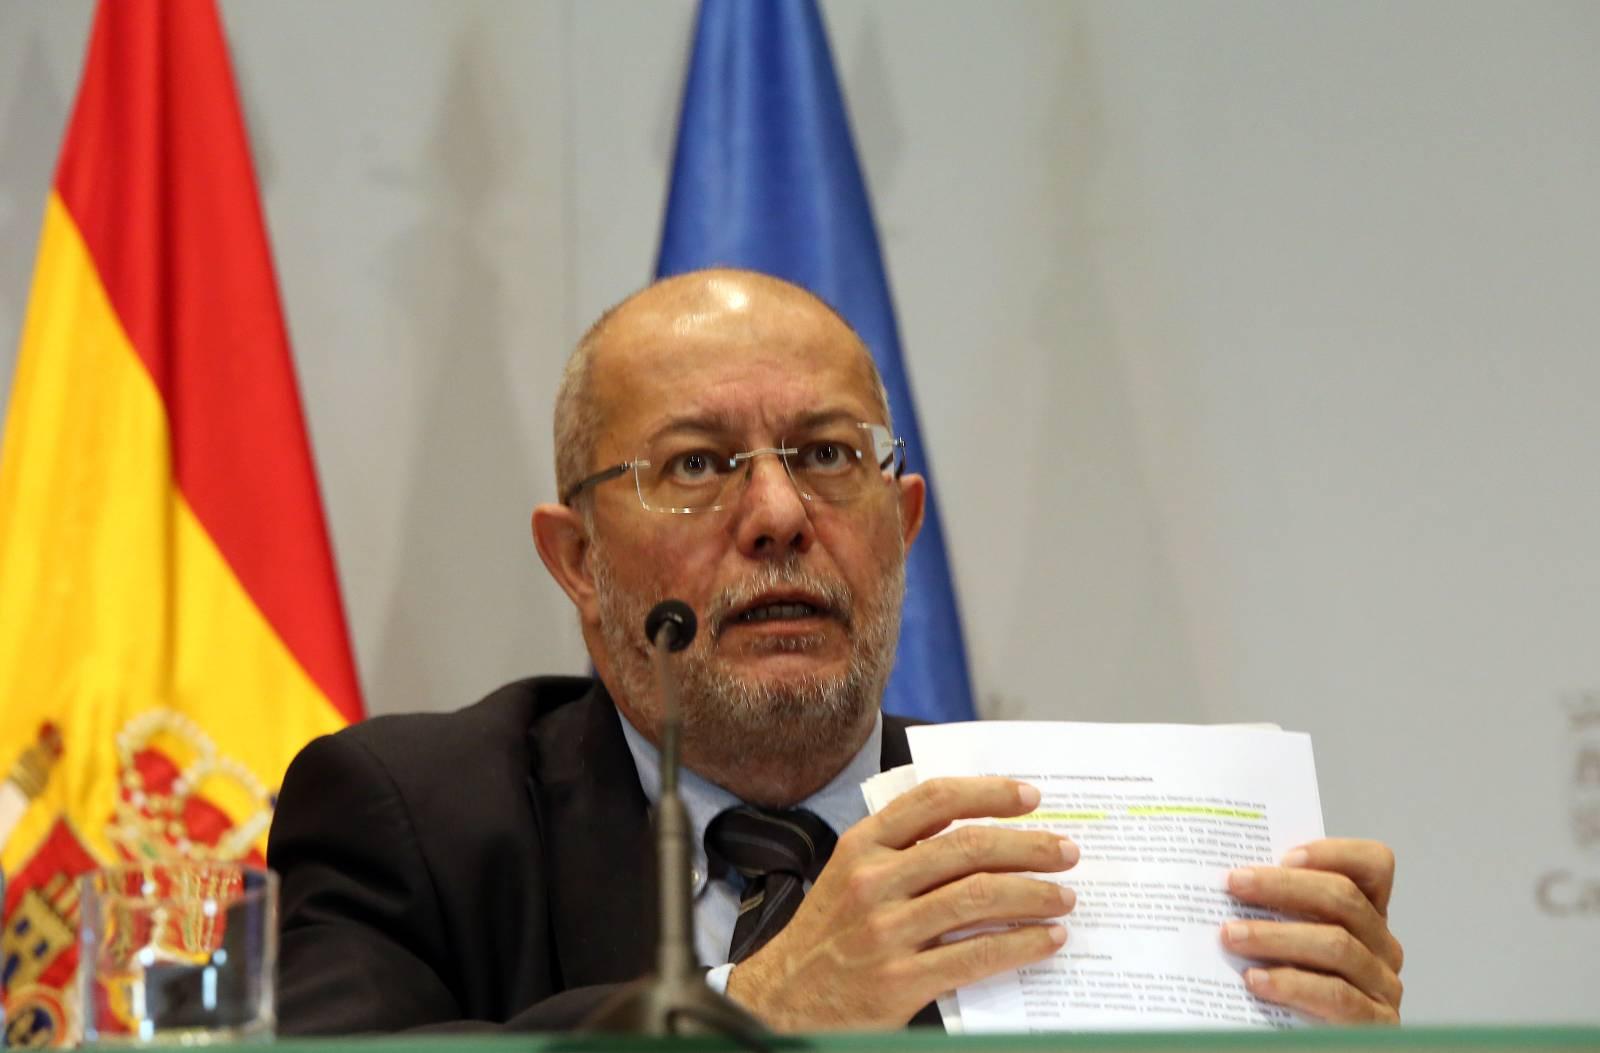 El vicepresidente de la Junta de Castilla y León, Francisco Igea